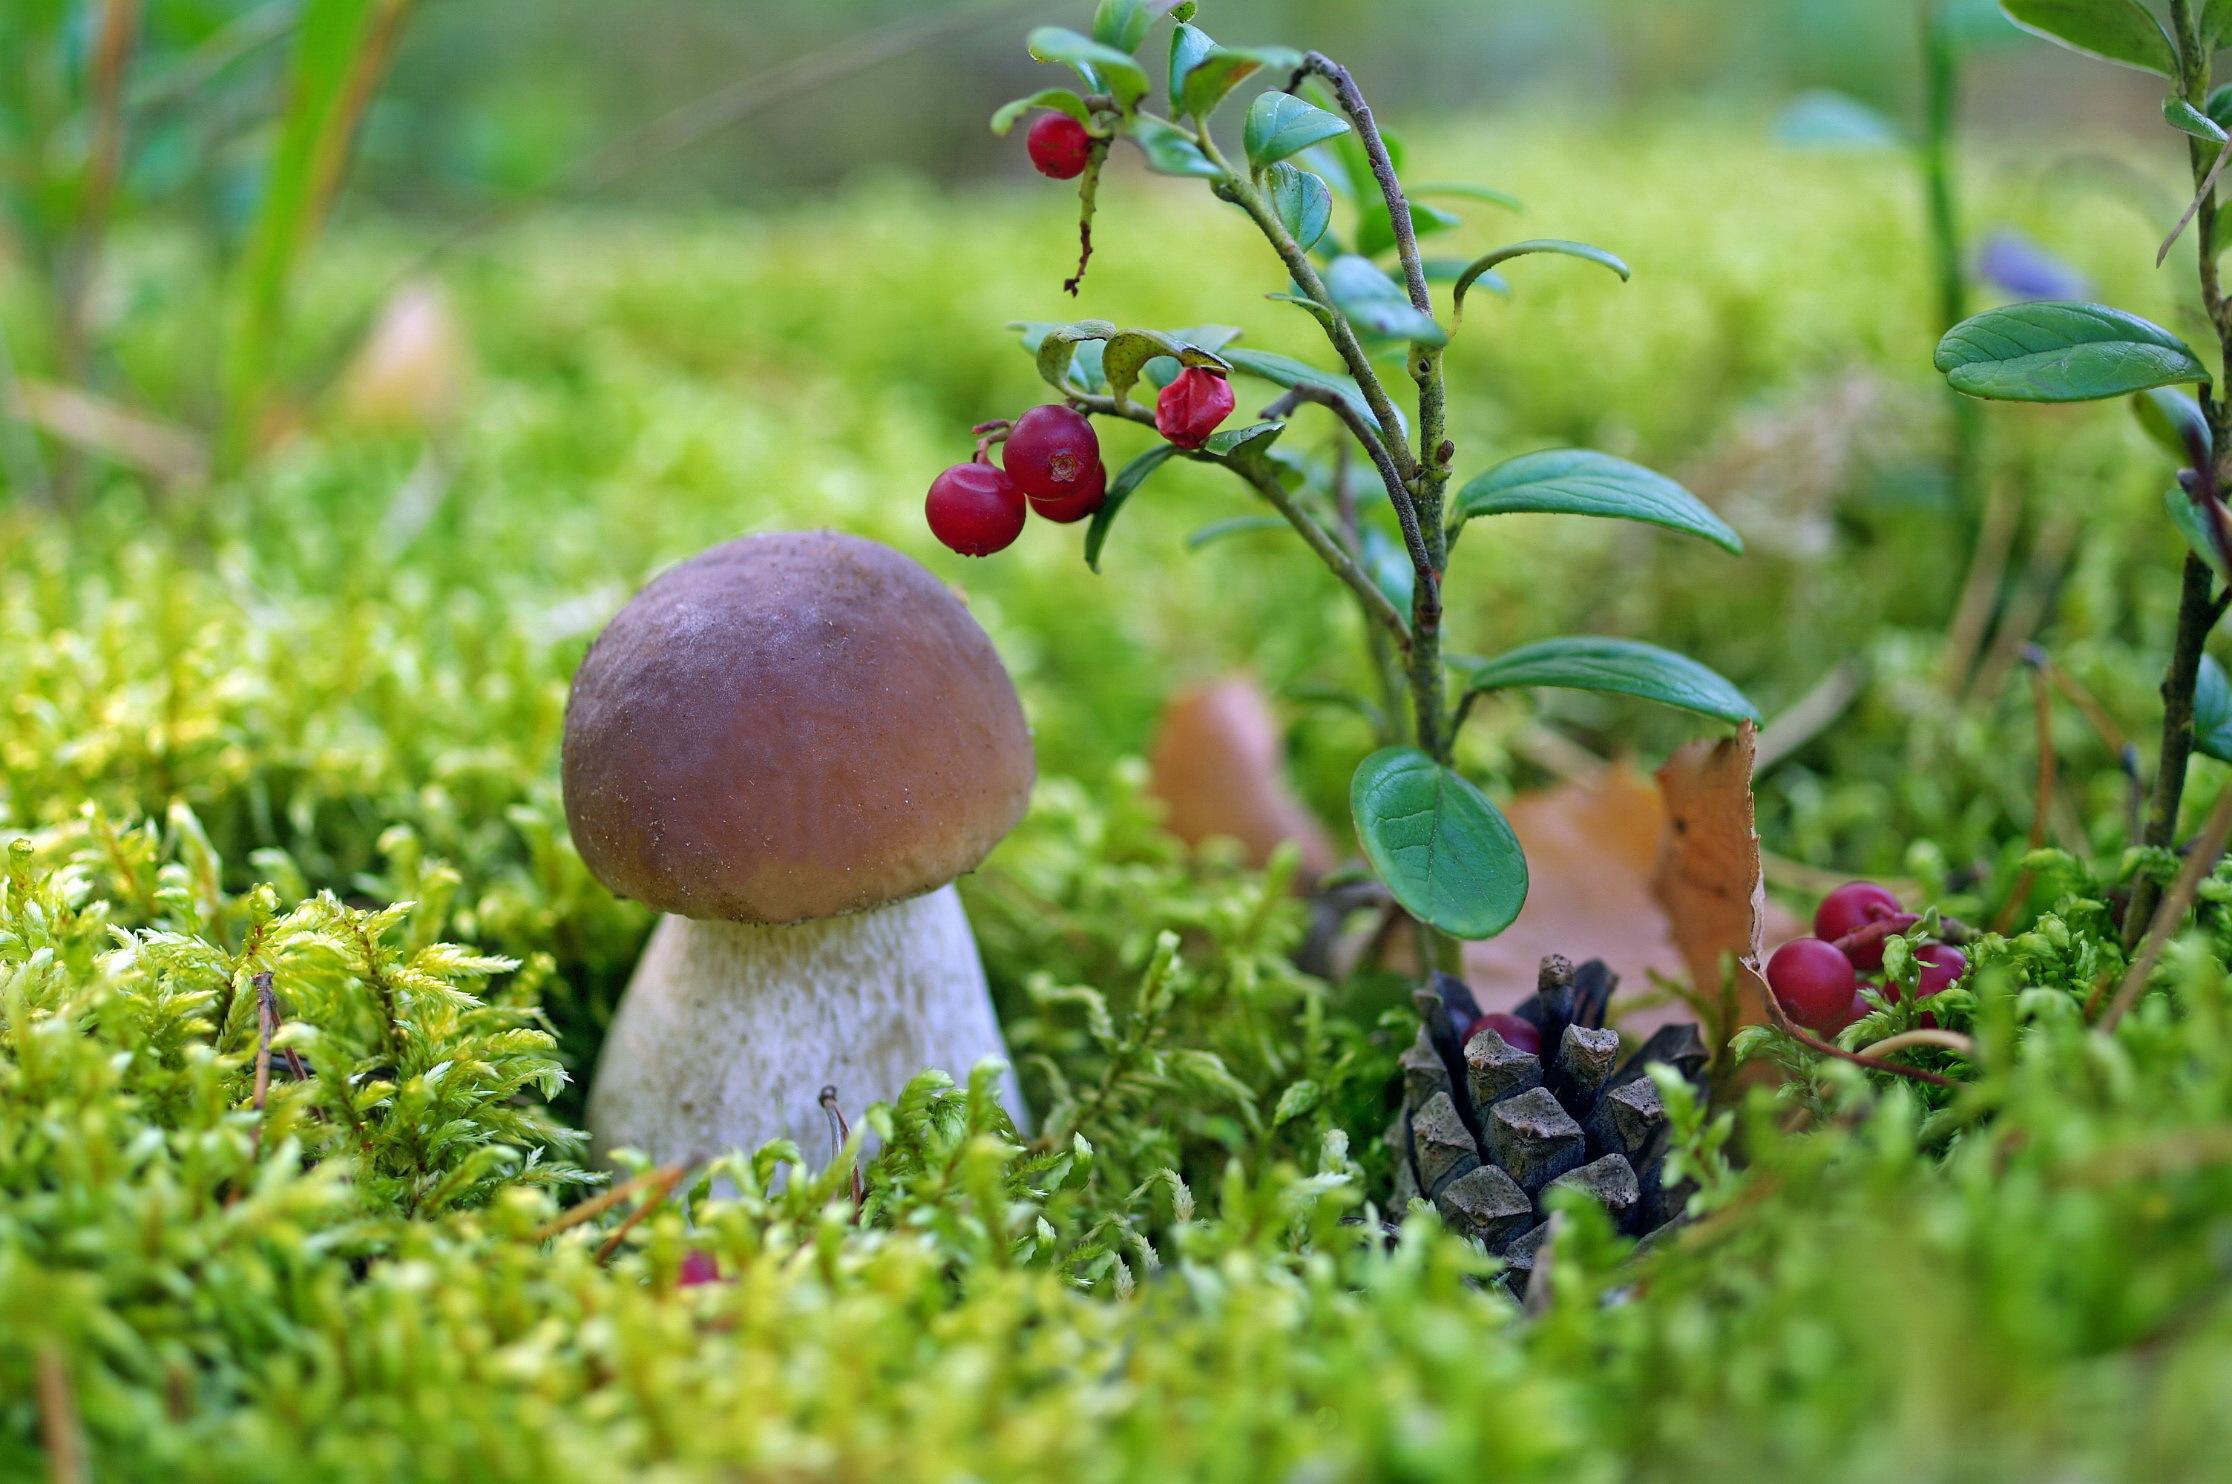 Обои на рабочий стол грибы и ягоды в лесу